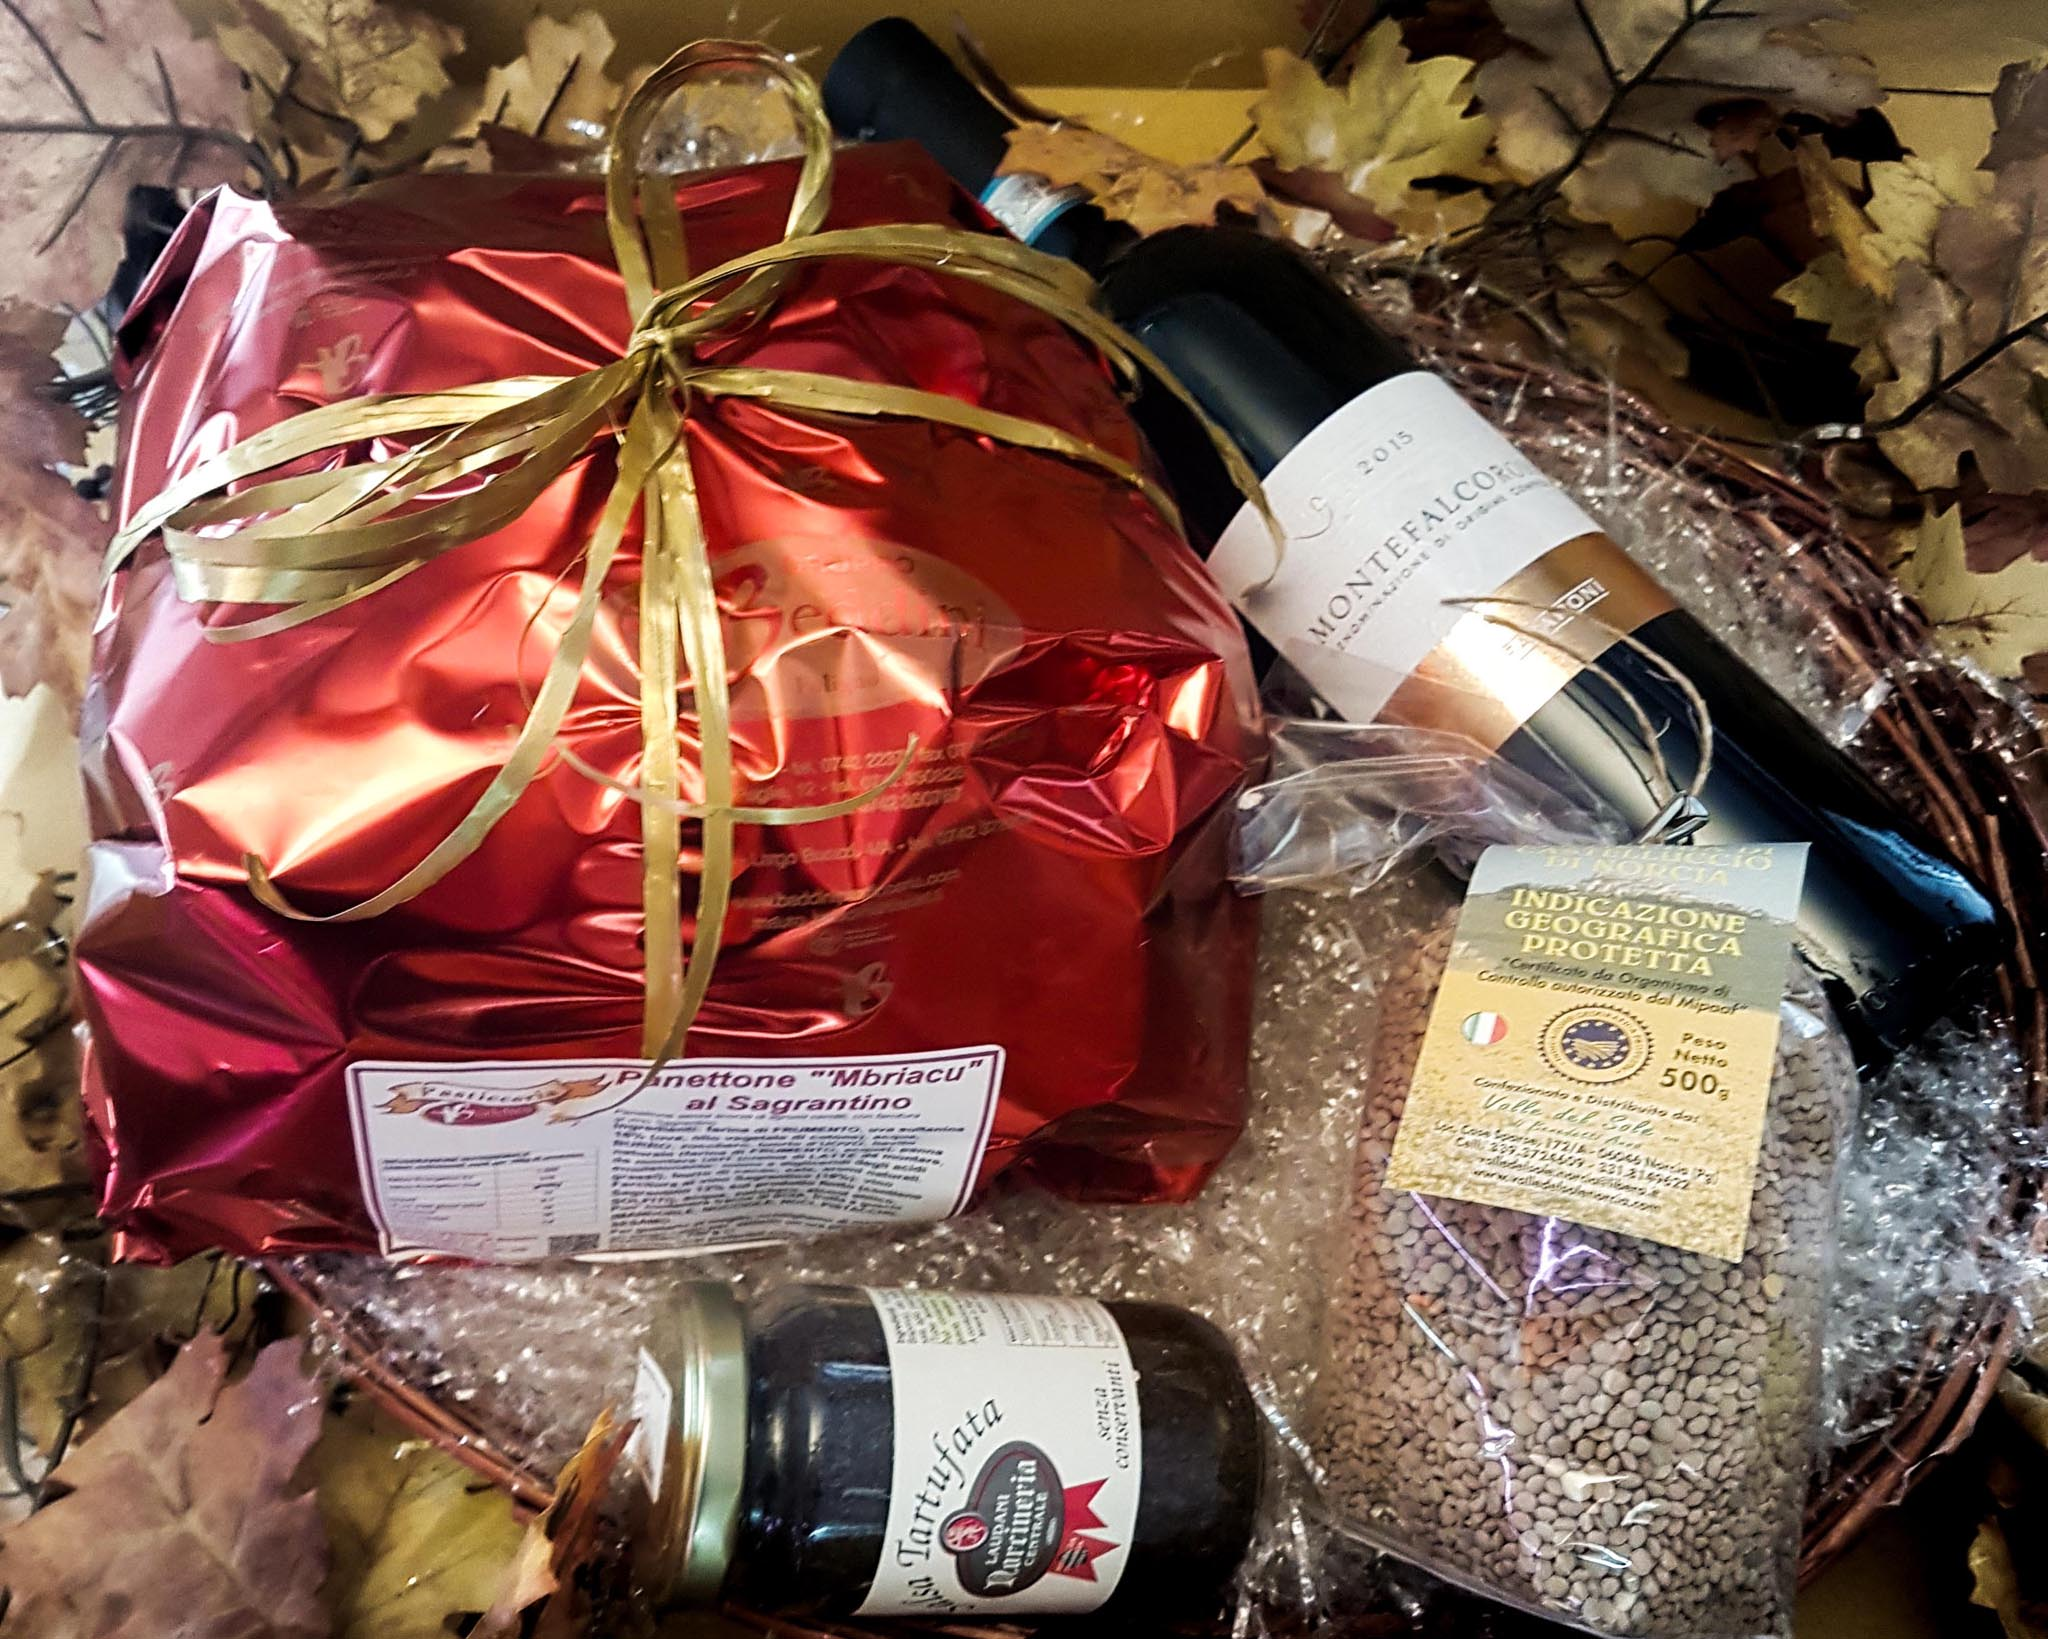 Cesto di Natale con panettone e prodotti di Norcia